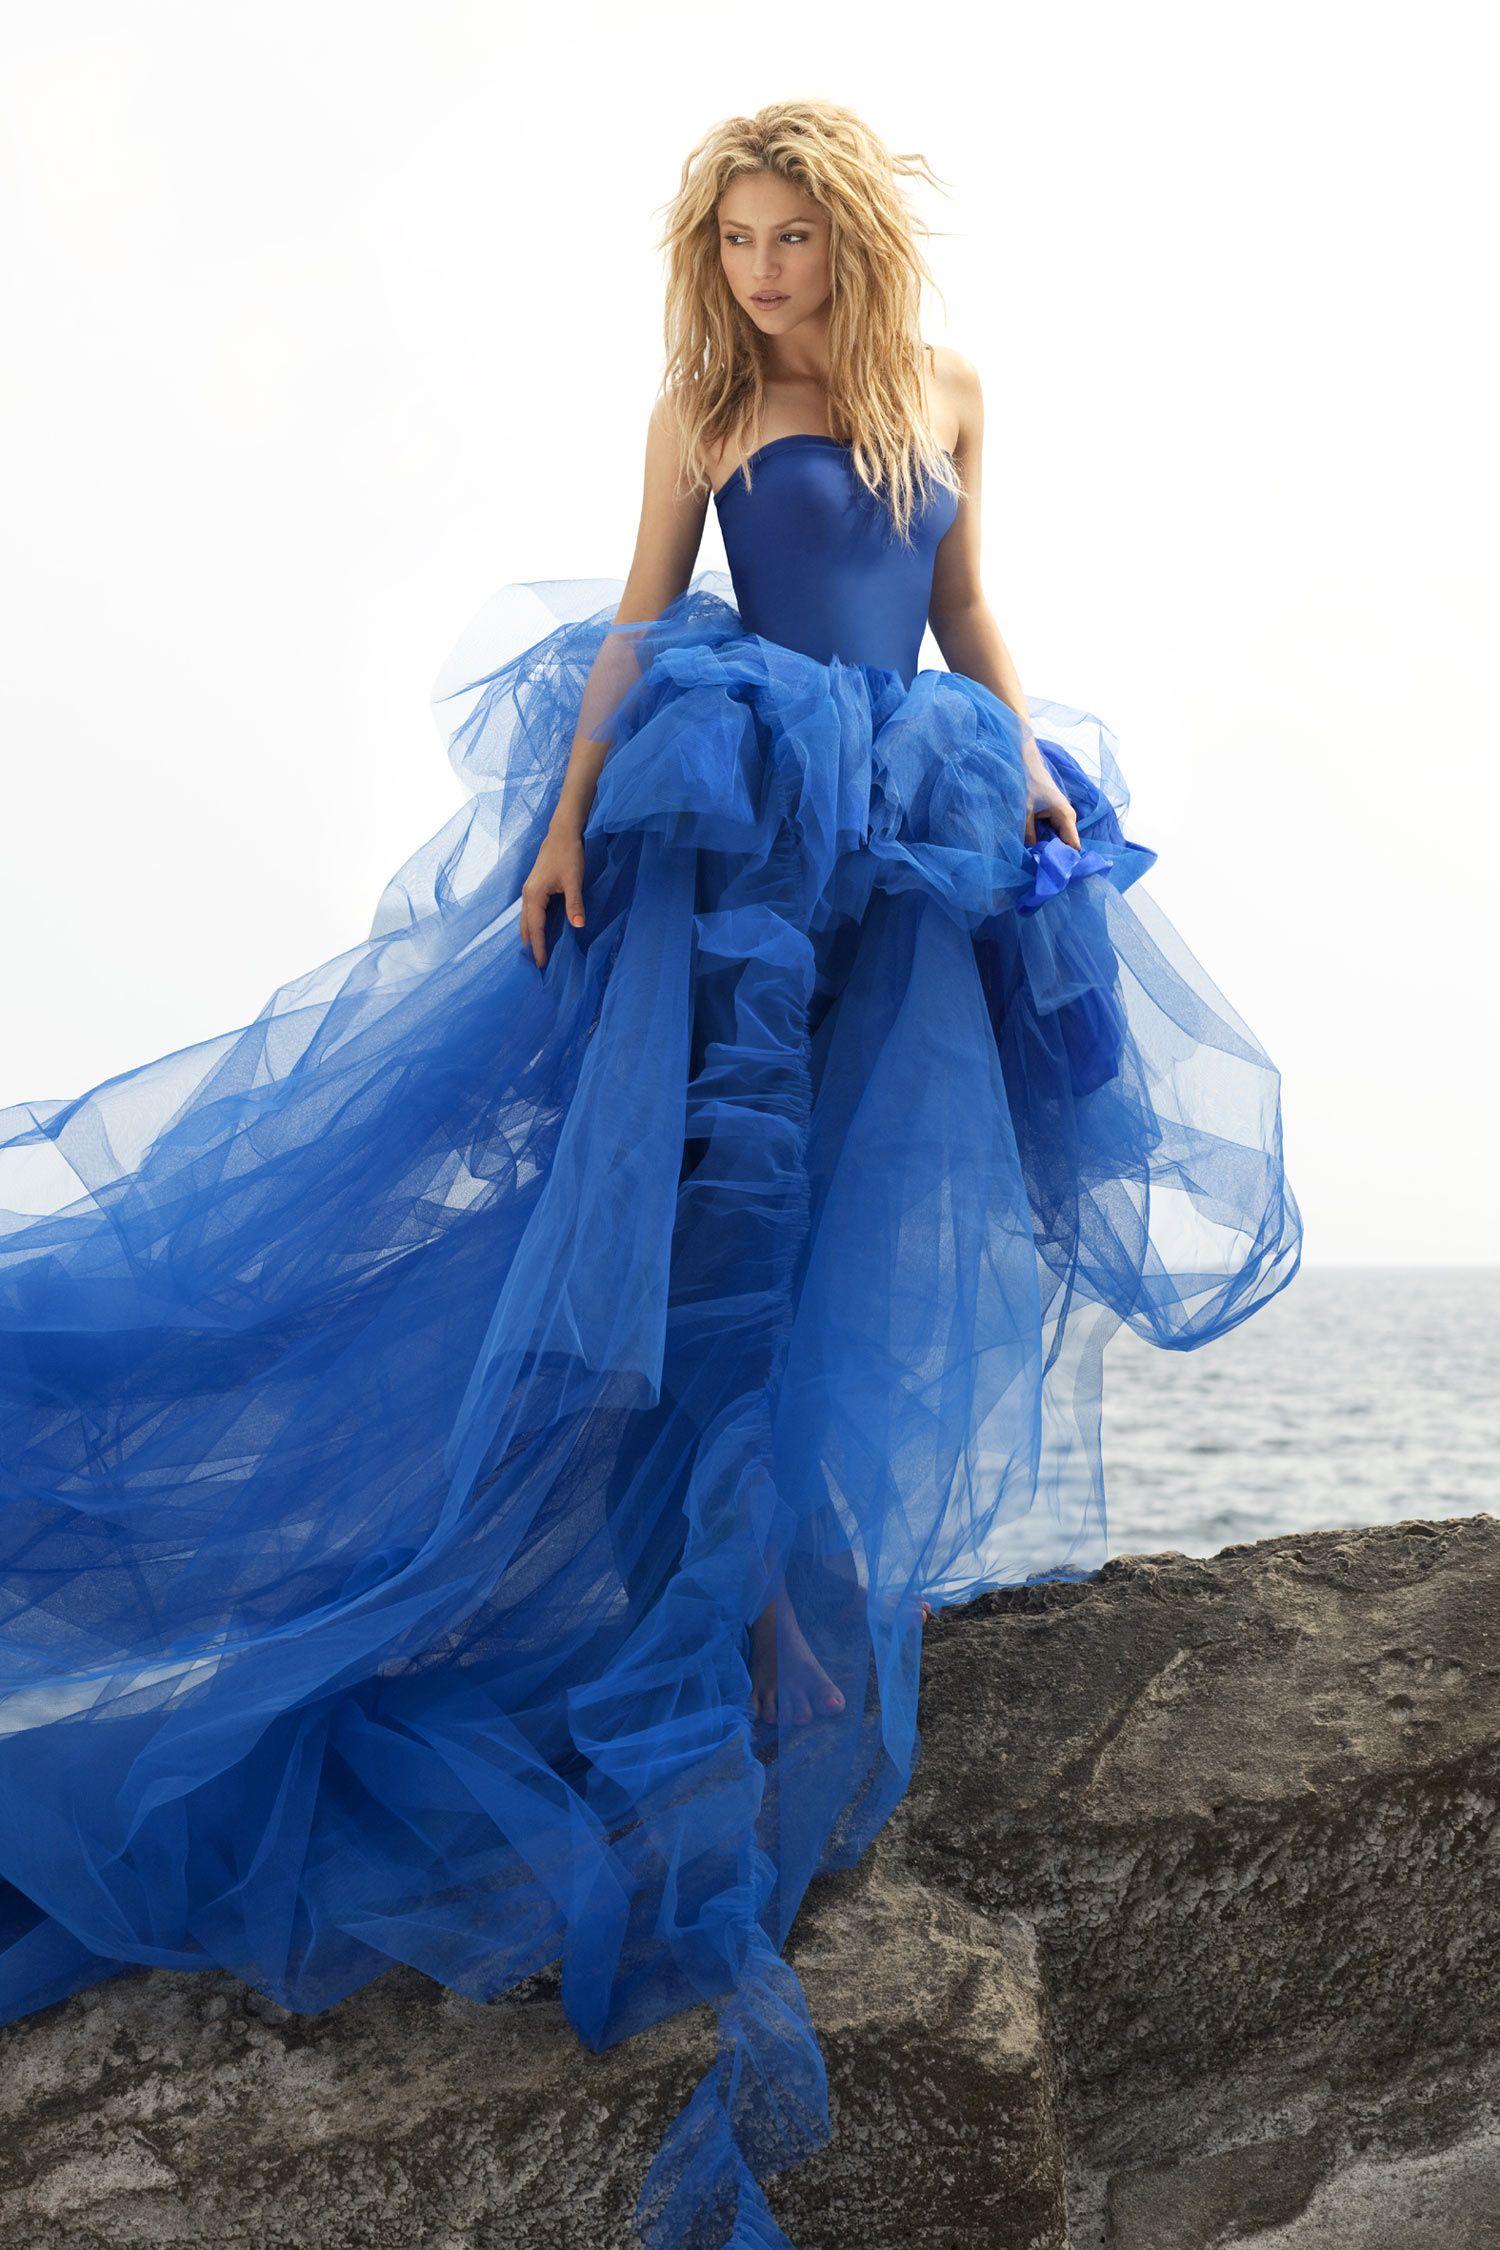 c6d69d2111 Shakira – Photoshoot by Jaume de Laiguana 2011